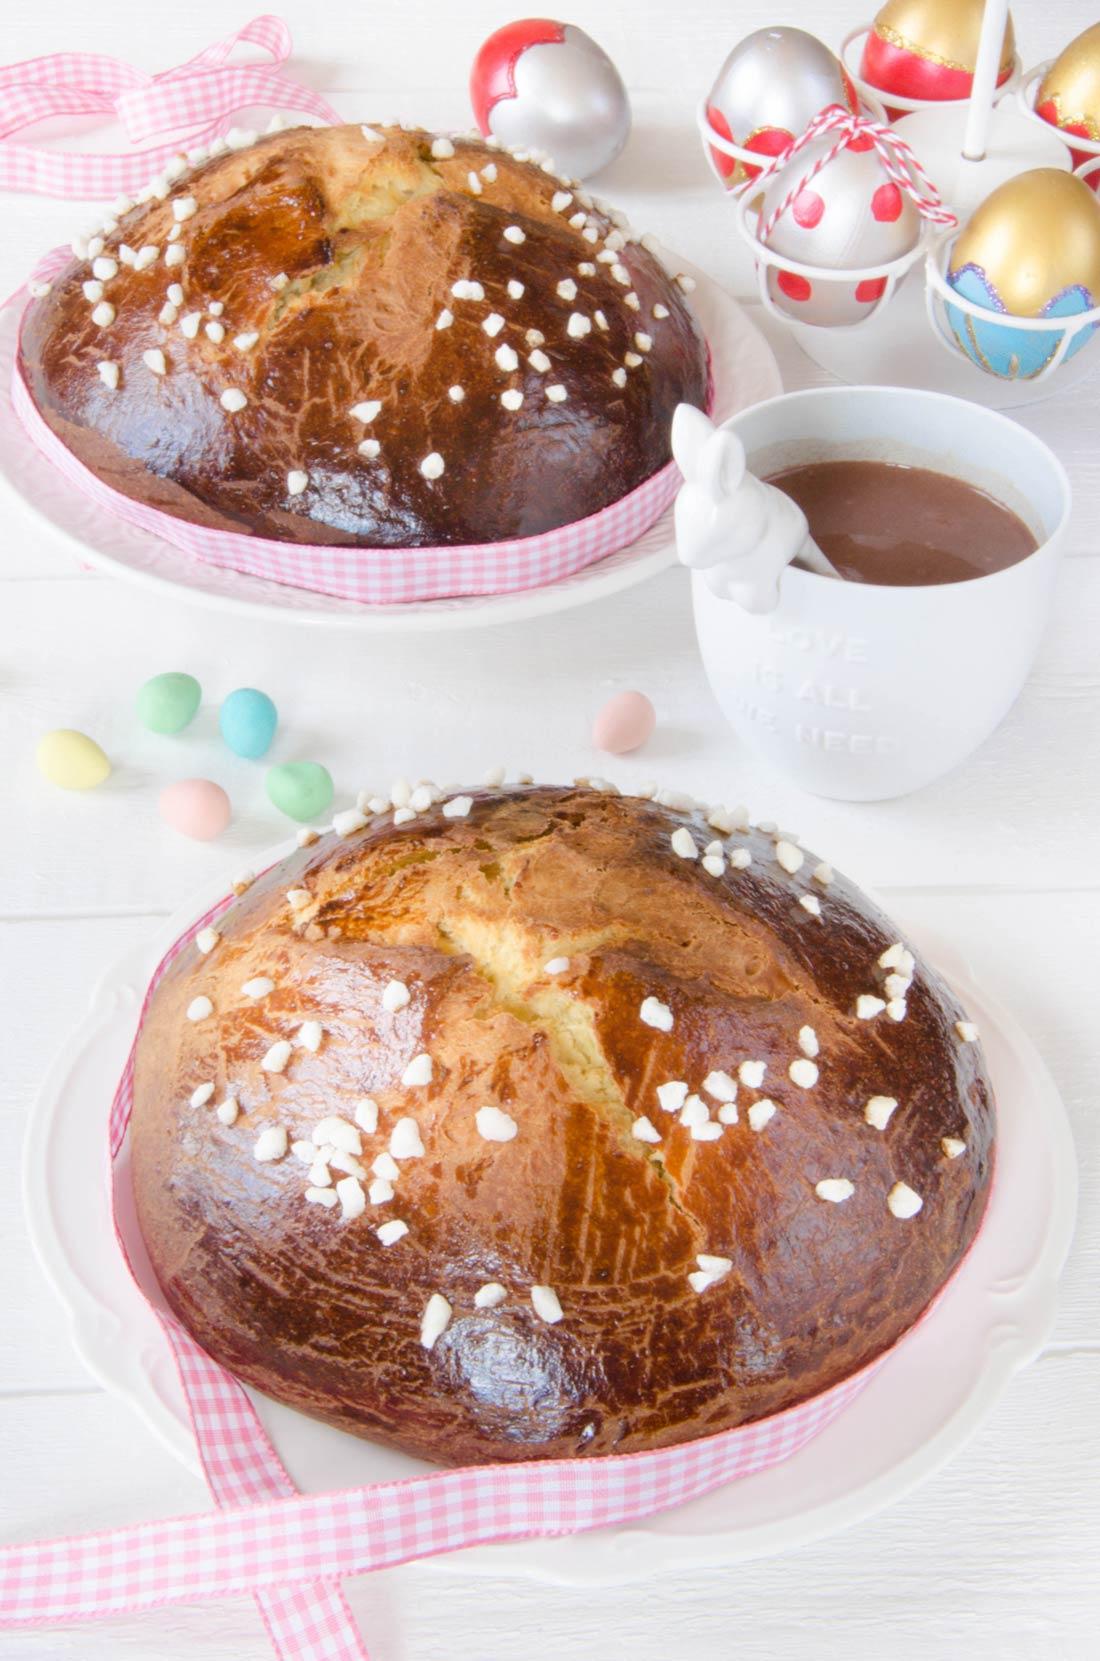 Mouna oranaise, brioche de Pâques